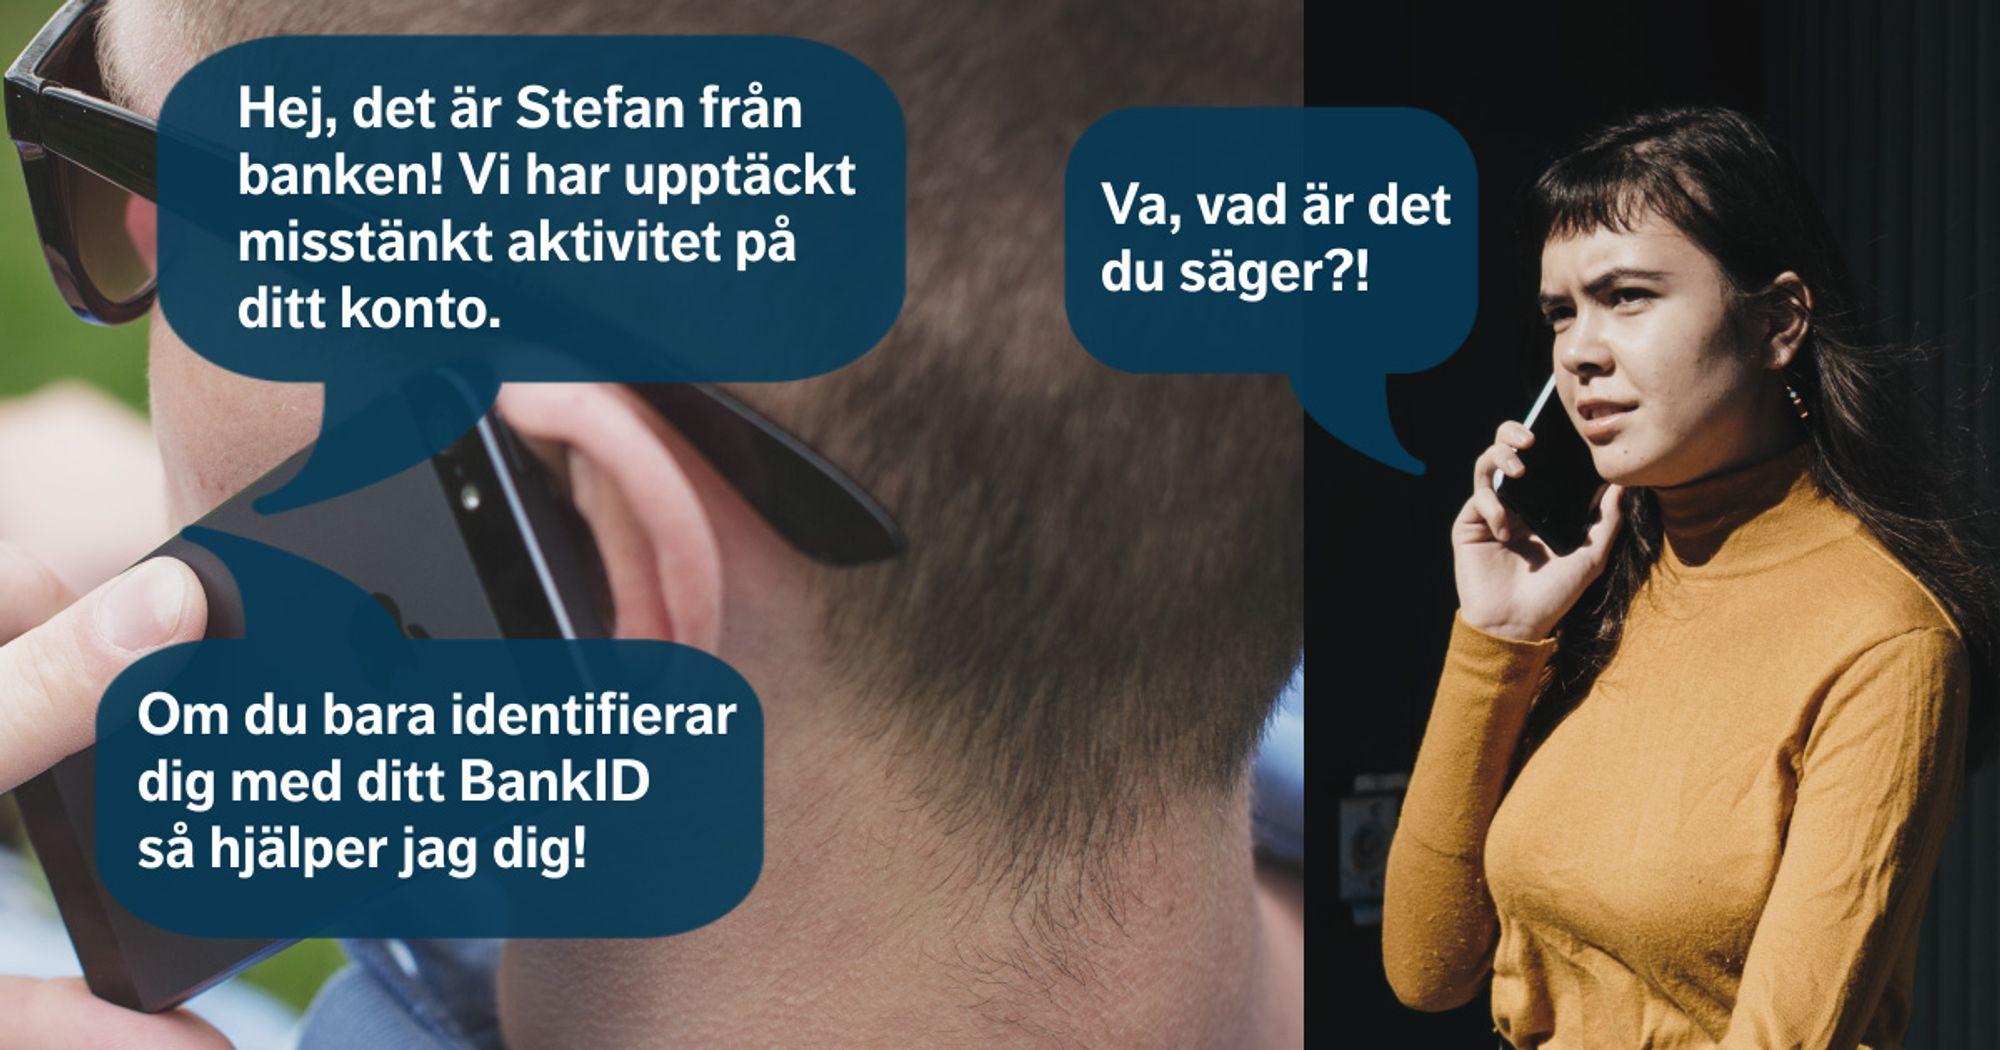 Exempel på vishing bedrägeri över telefon. Hej, det är Stefan från banken! Vi har upptäckt misstänkt aktivitet på ditt konto. Va, vad är det du säger?! Om du bara identifierar dig med ditt BankID så hjälper jag dig!